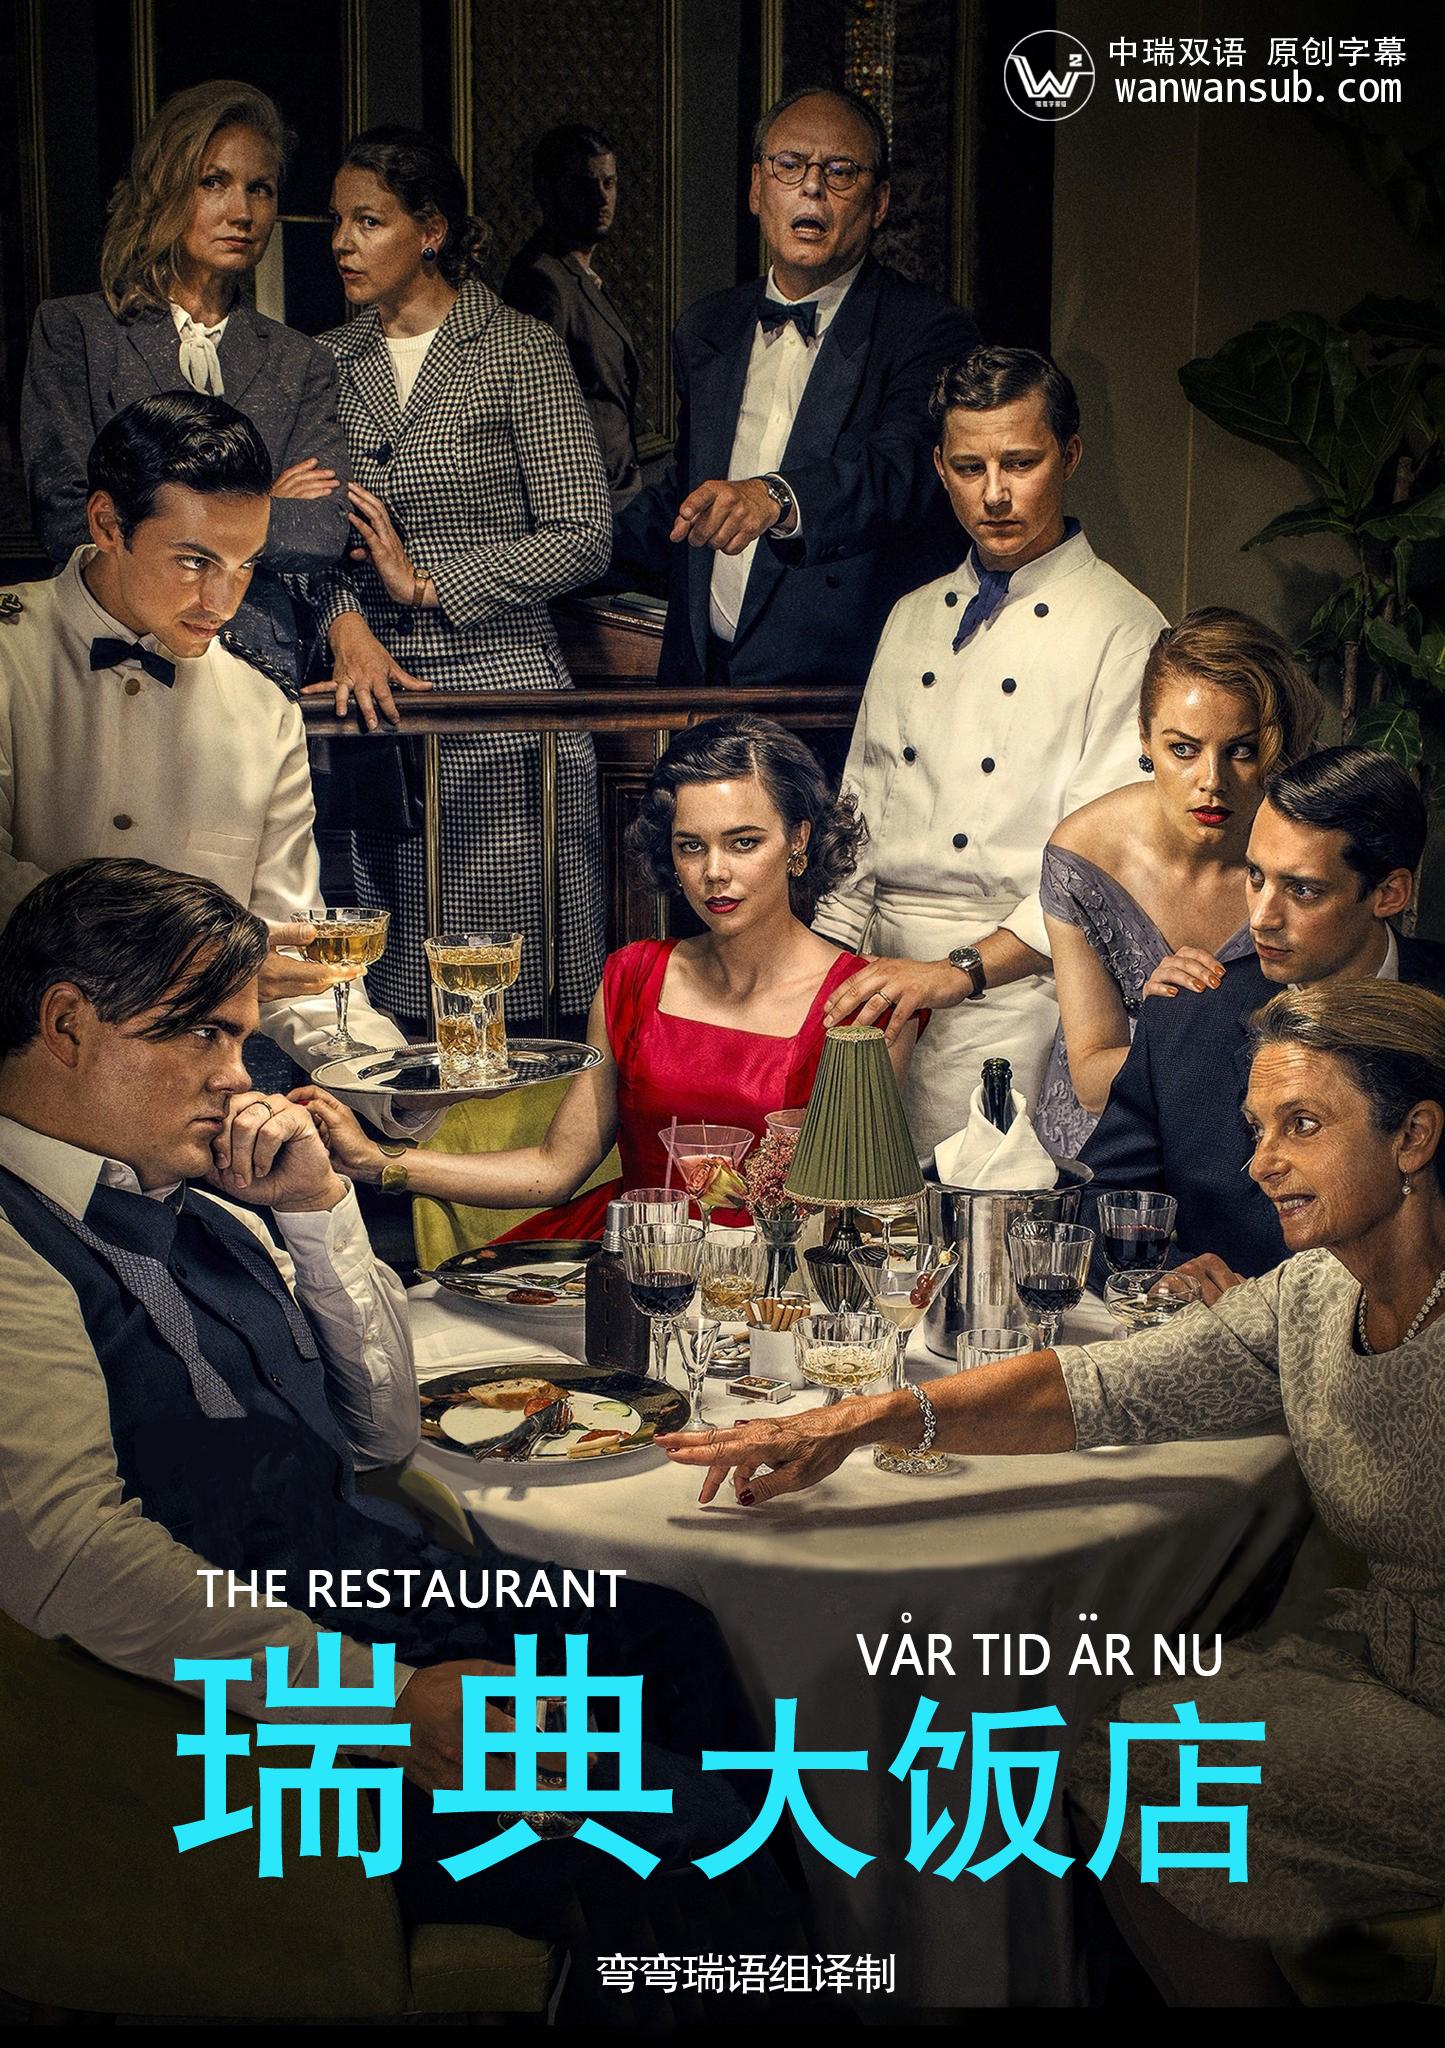 瑞典大饭店第三季